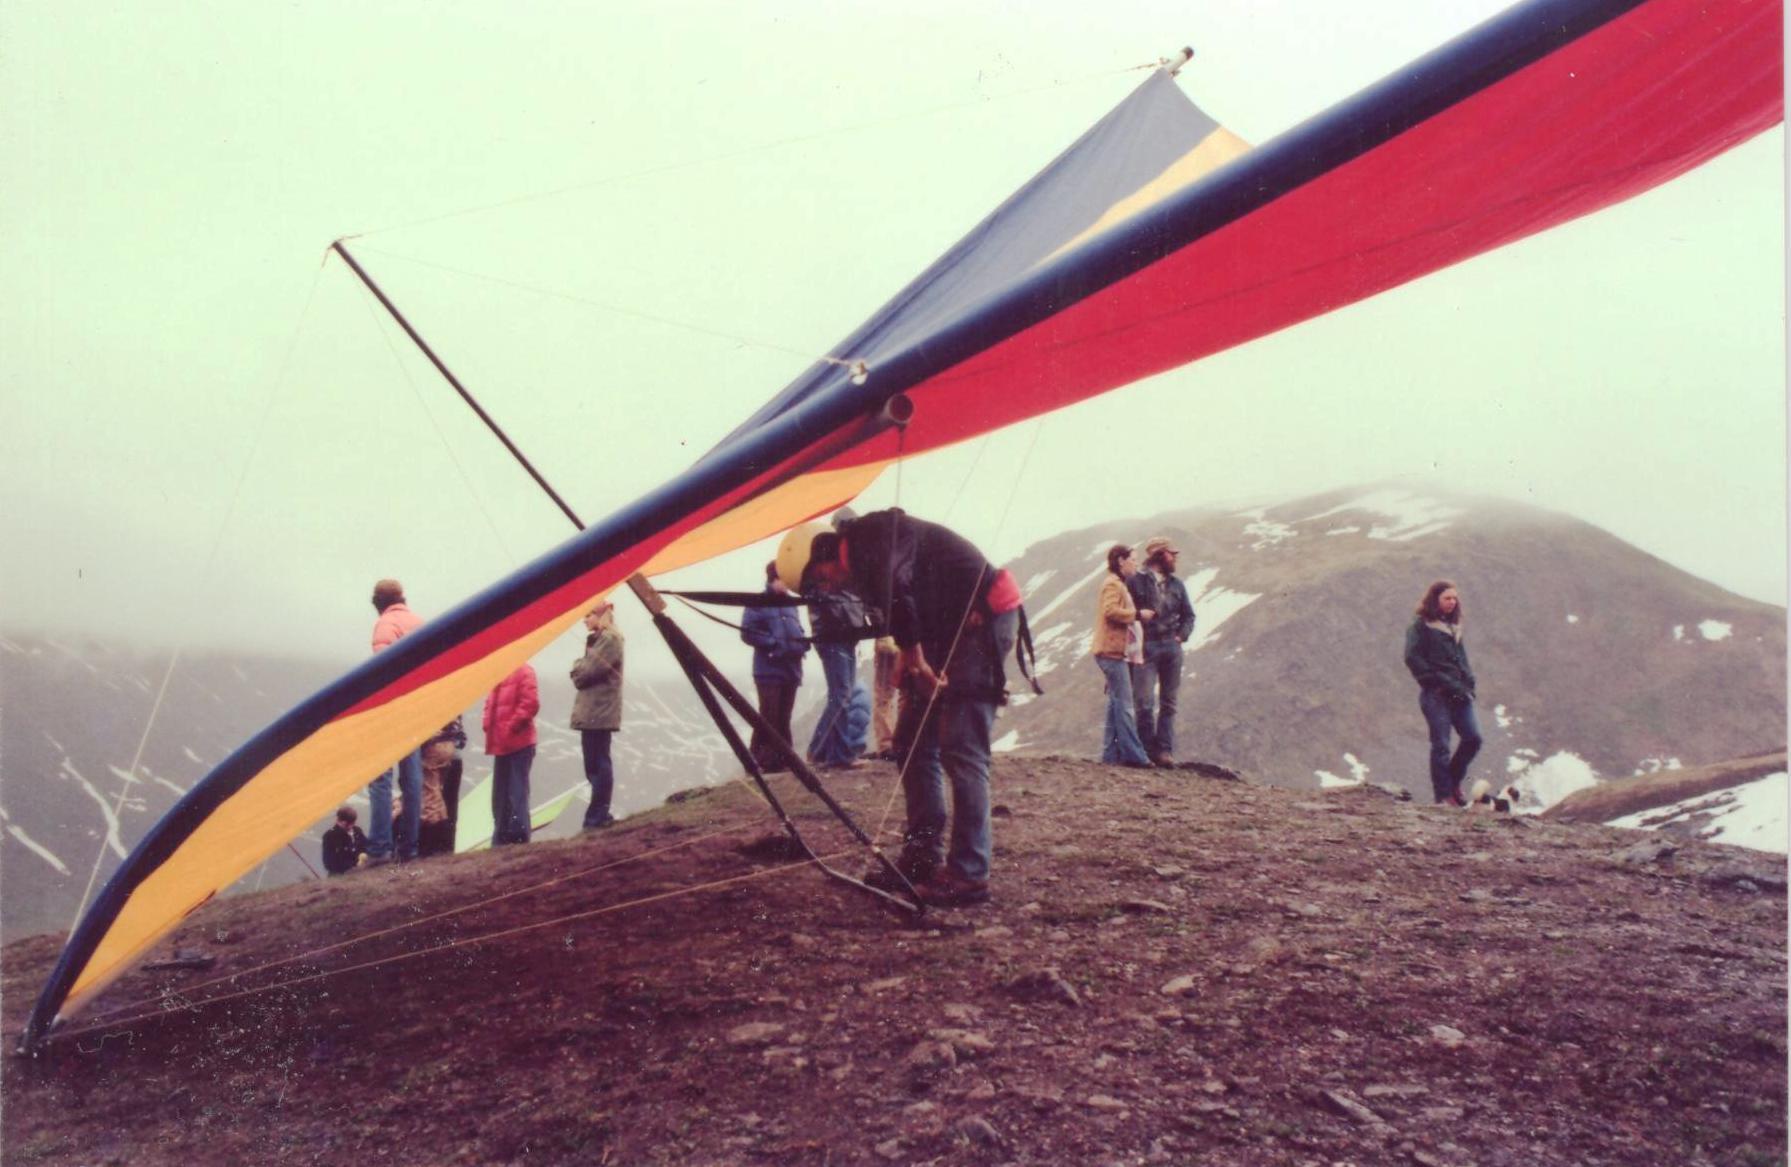 bill-sheka-takeoff-preparation-hatchers-pass-alaska-july-3-1975